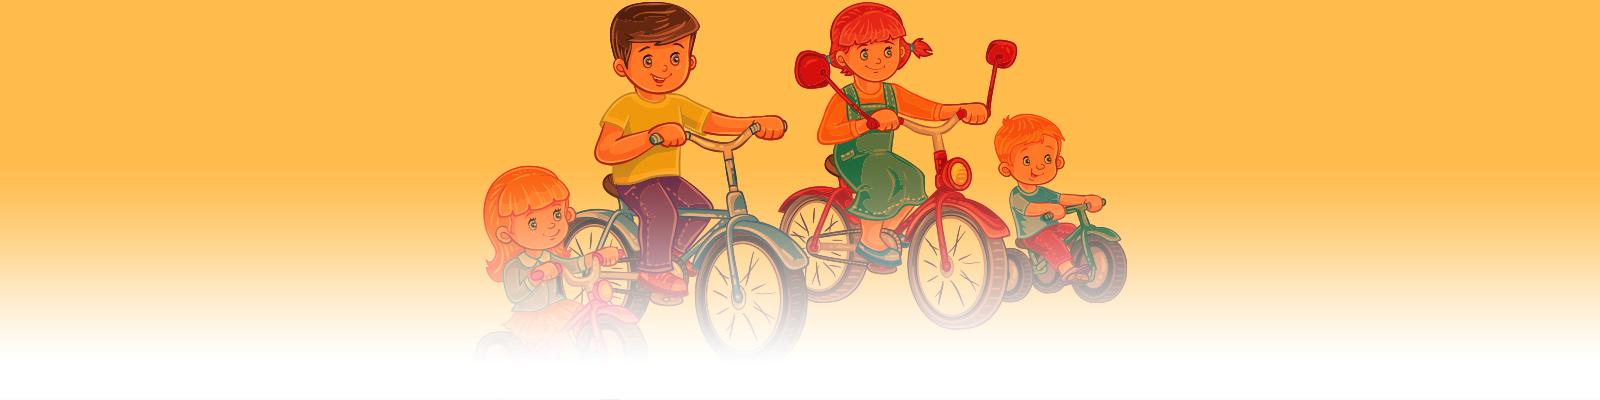 Kinderfietsen